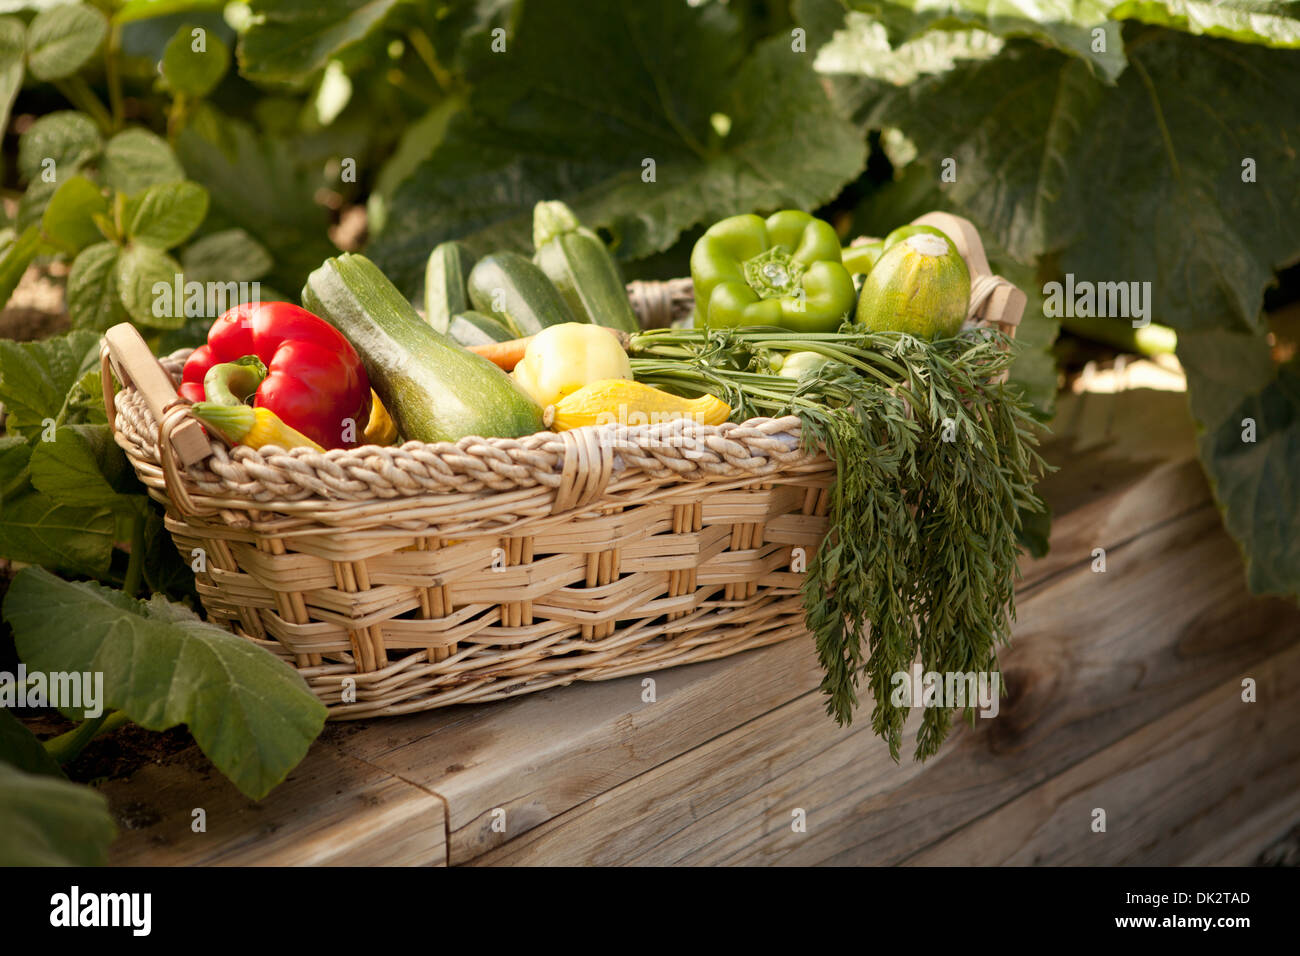 Varietà di Organici ortaggi raccolti nel cestello in un orto Immagini Stock